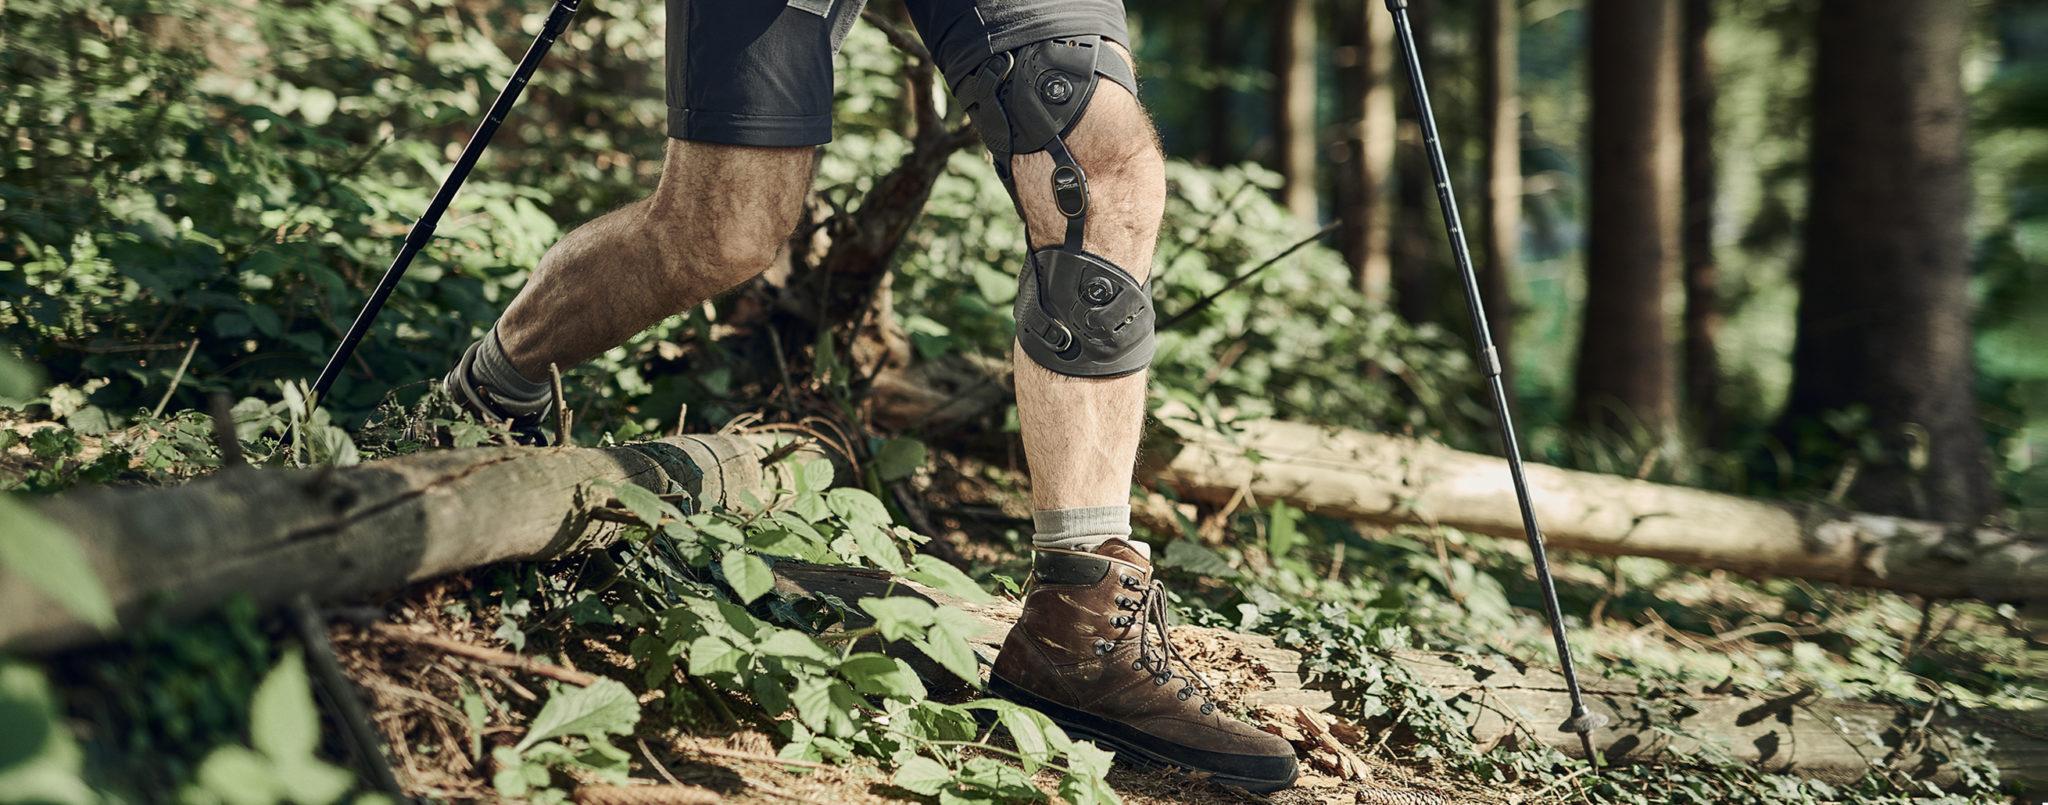 WAACS Össur Unloader One X knee brace